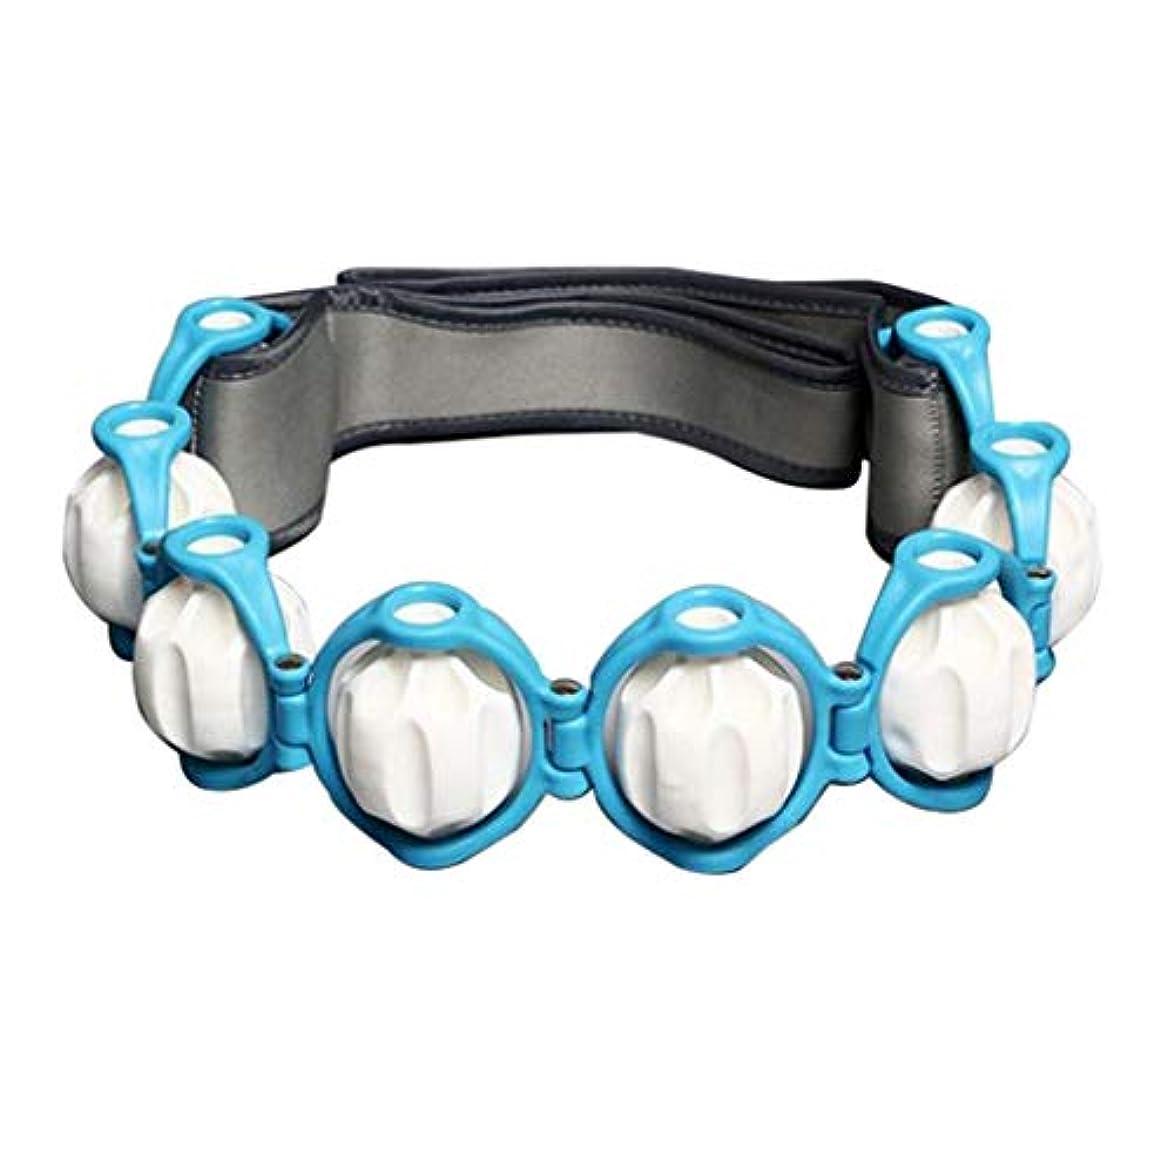 ステートメント照らす韻Hellery フルボディ - 多機能 - 痛みを軽減するためのハンドヘルドマッサージローラーロープ - 青, 説明したように